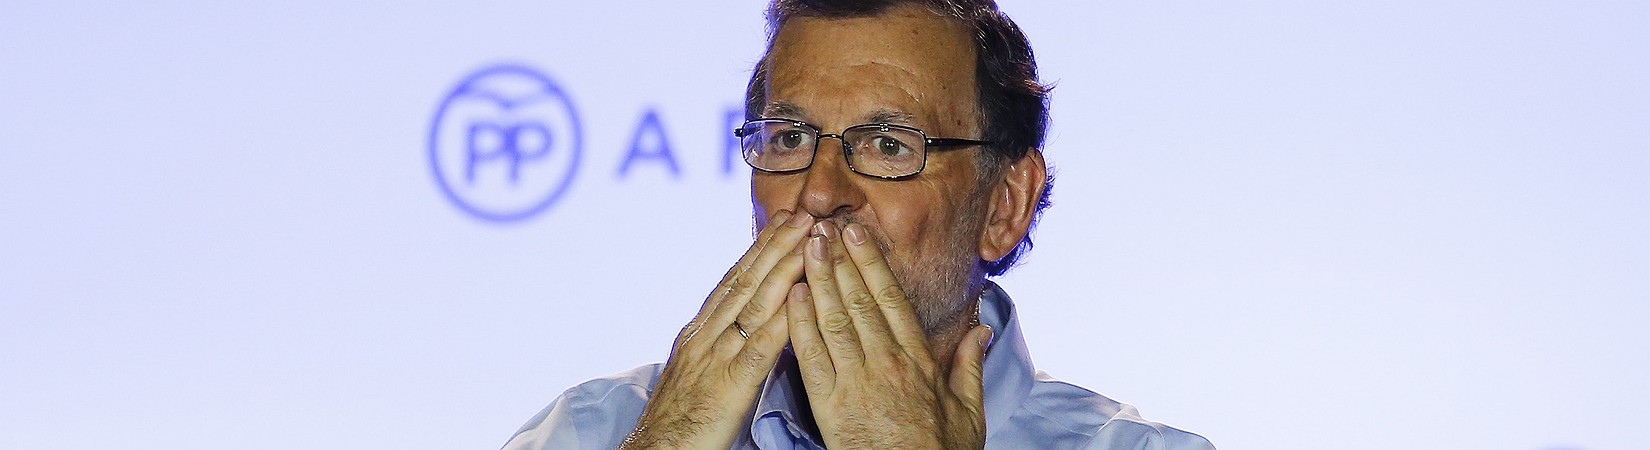 5 conclusiones de las nuevas elecciones en España